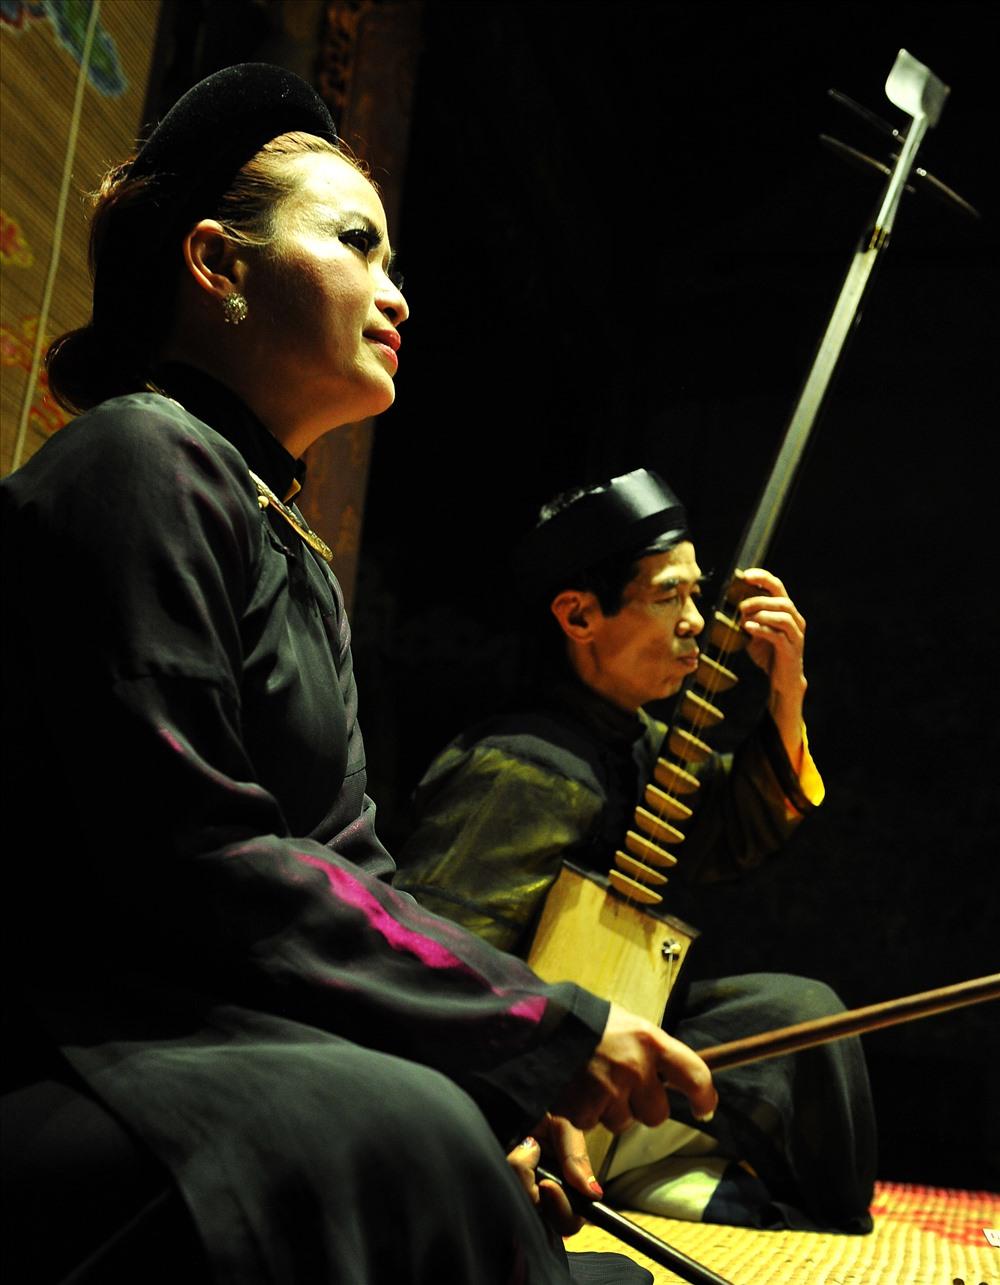 Ca nương Ngọc Hân và nghệ nhân đàn đáy Văn Hiền trong CLB ca trù Hà Nội biểu diễn tại đình Kim Ngân (Hàng Bạc).